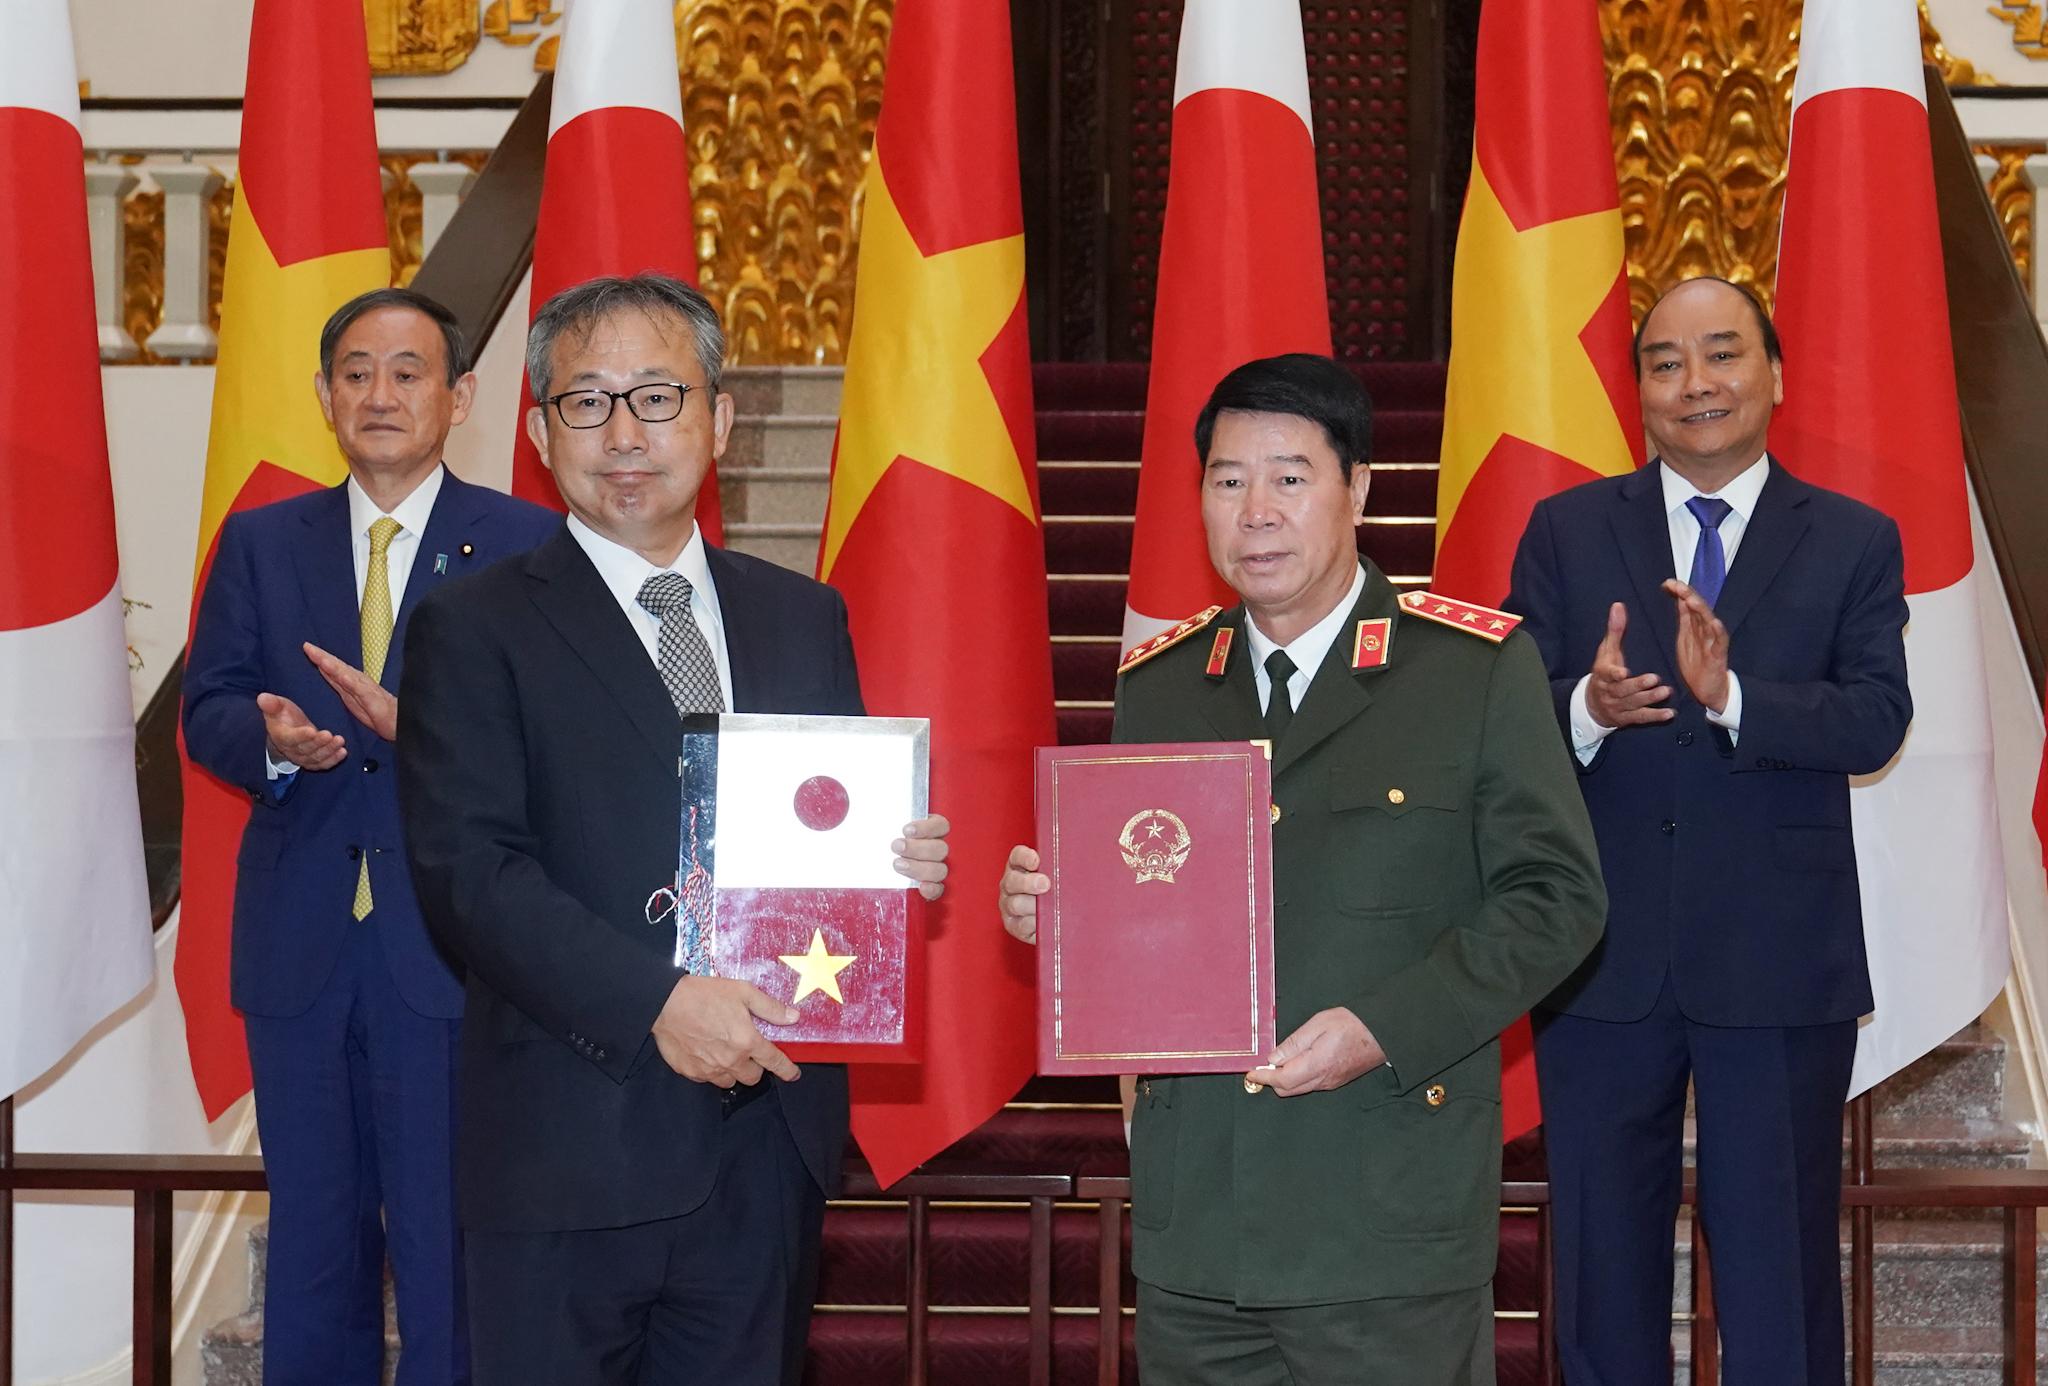 Việt Nam, Nhật Bản sớm mở lại đường bay thương mại và kí kết 12 văn kiện hợp tác trị giá gần 4 tỉ USD - Ảnh 1.